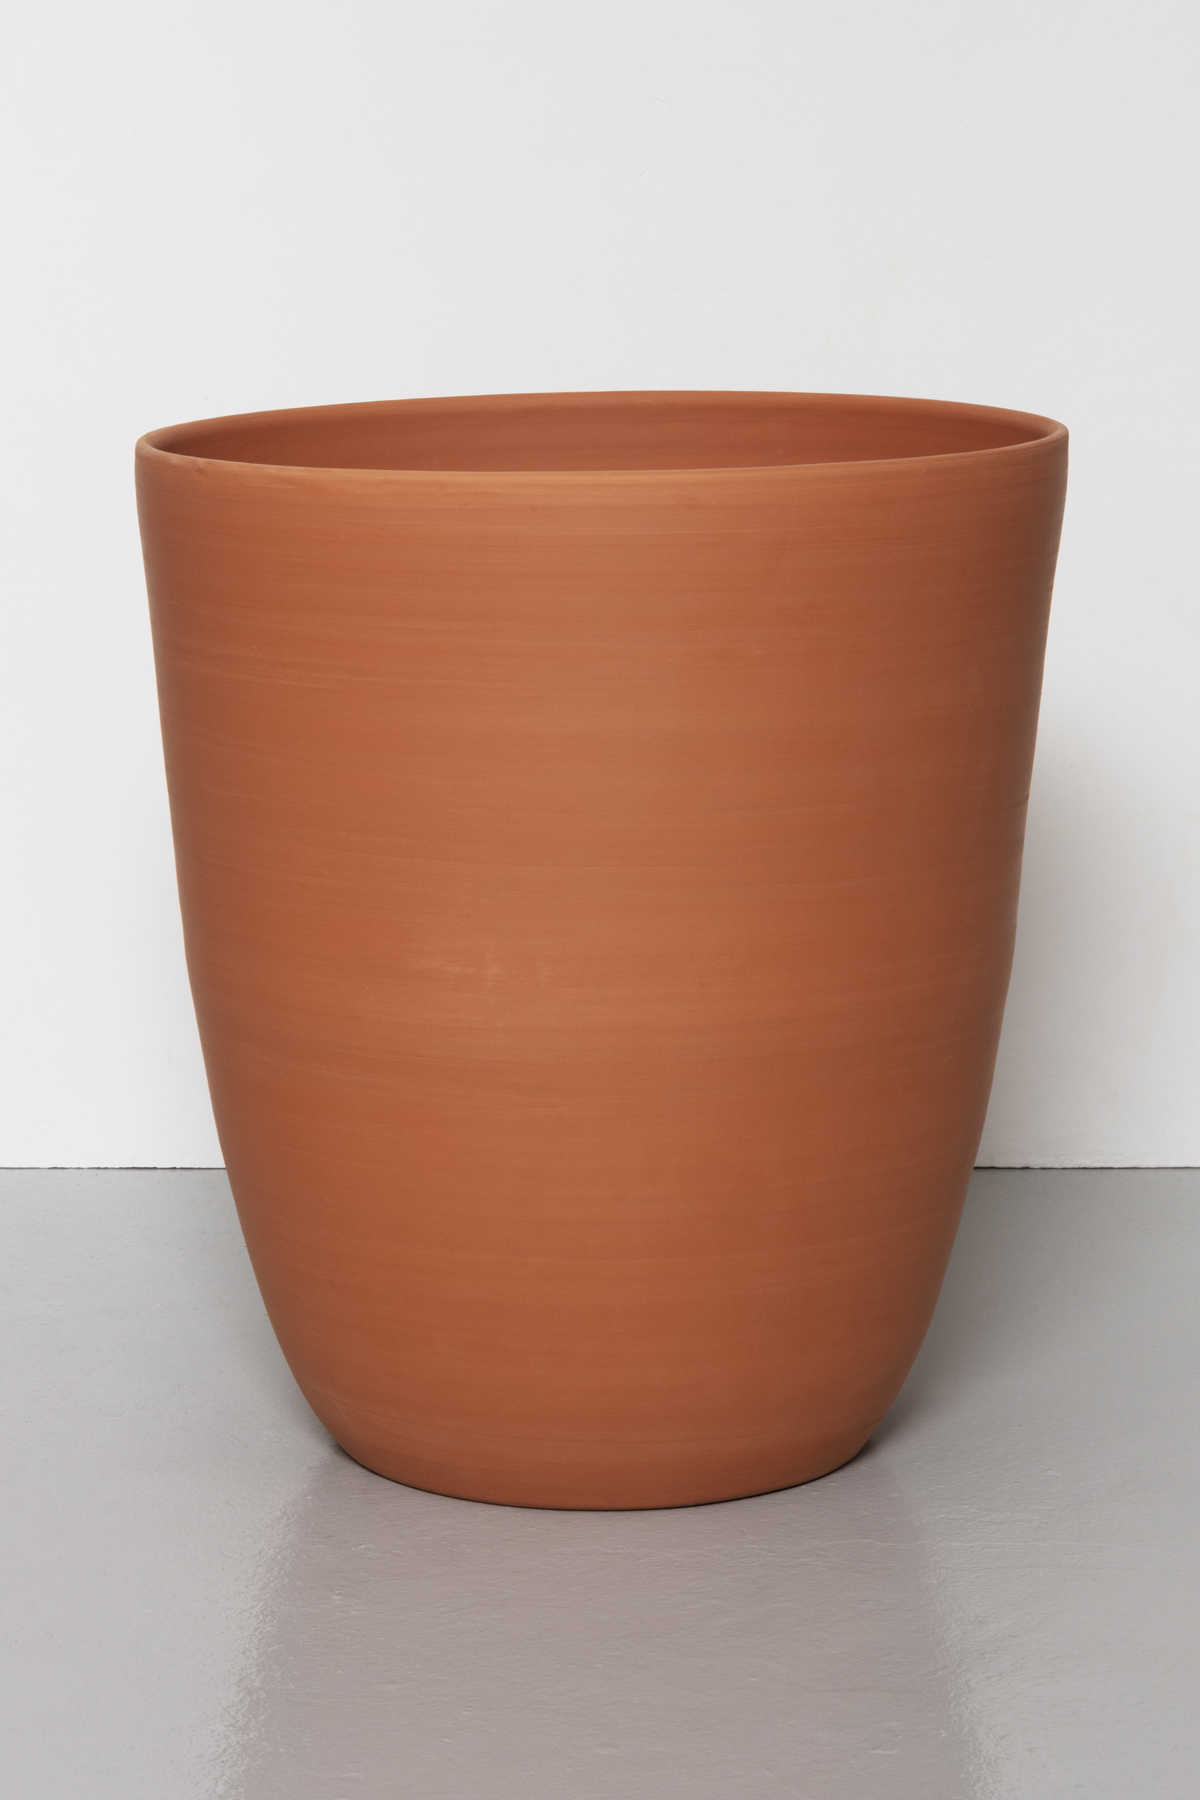 Kärl II/ Container II, 2020 Thrown earthenware 44,5 cm x 40,5 cm/diameter